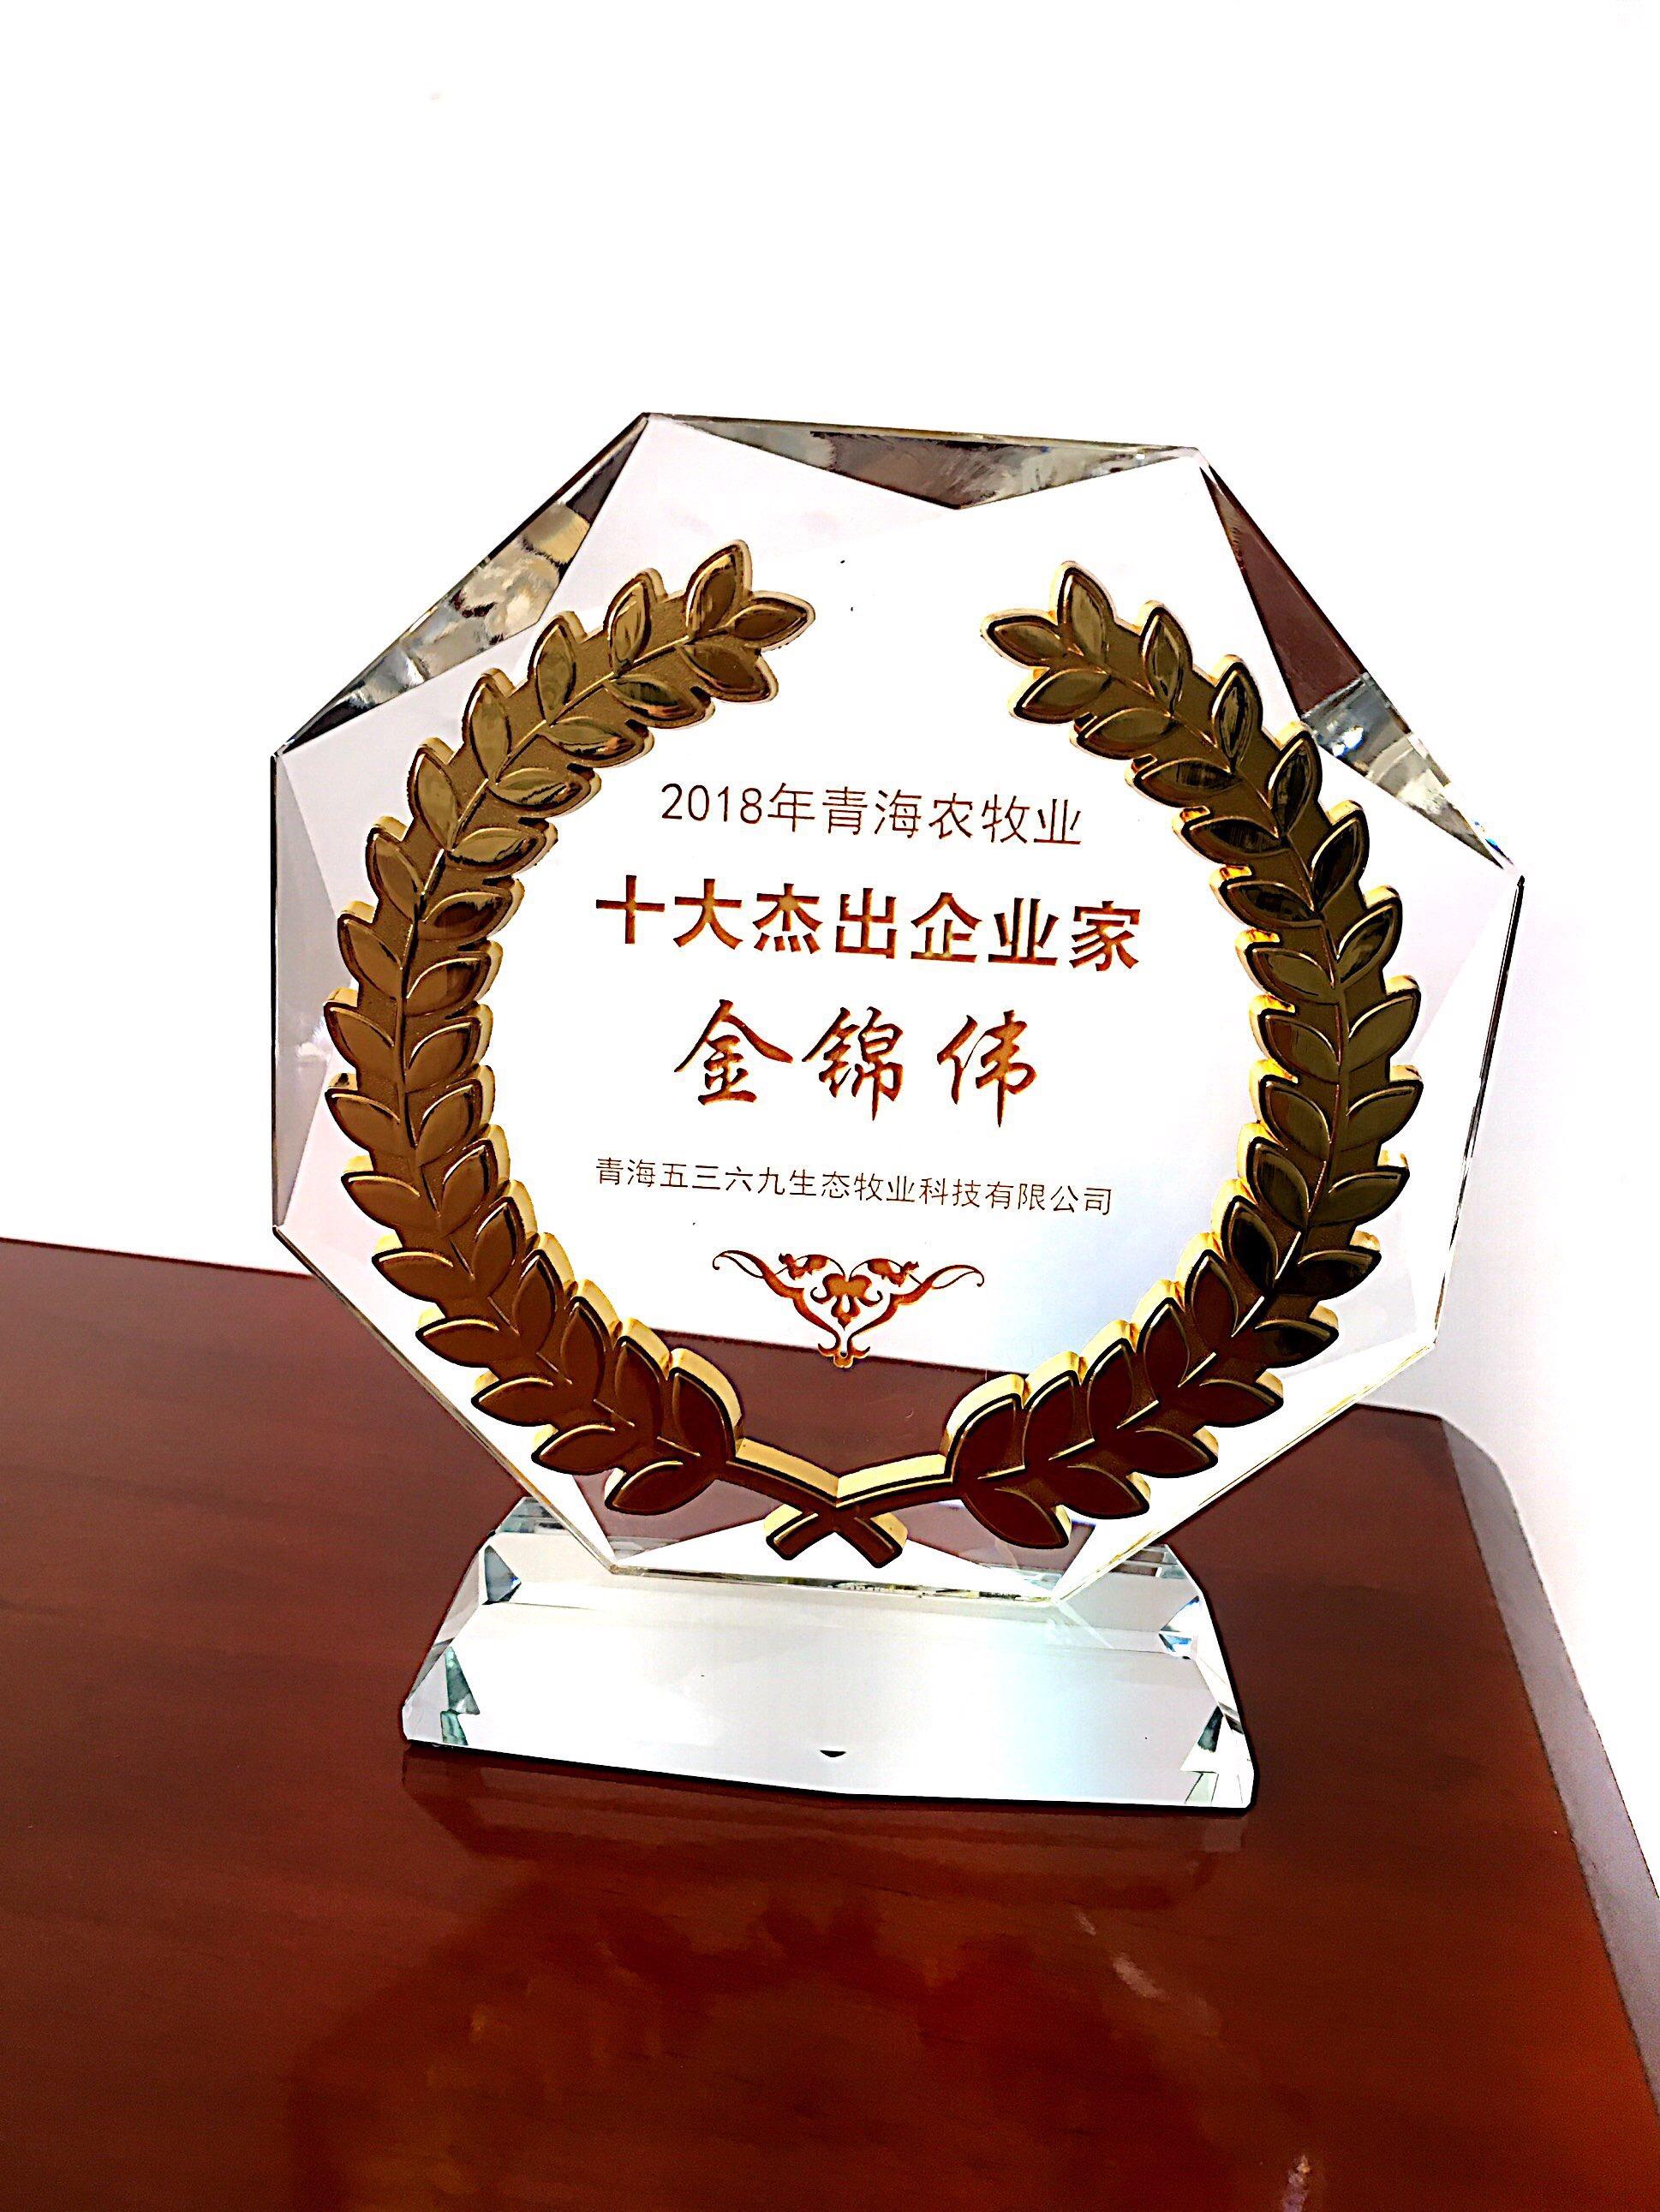 2018中国可以买滚球的安全平台农牧业十大杰出企业家